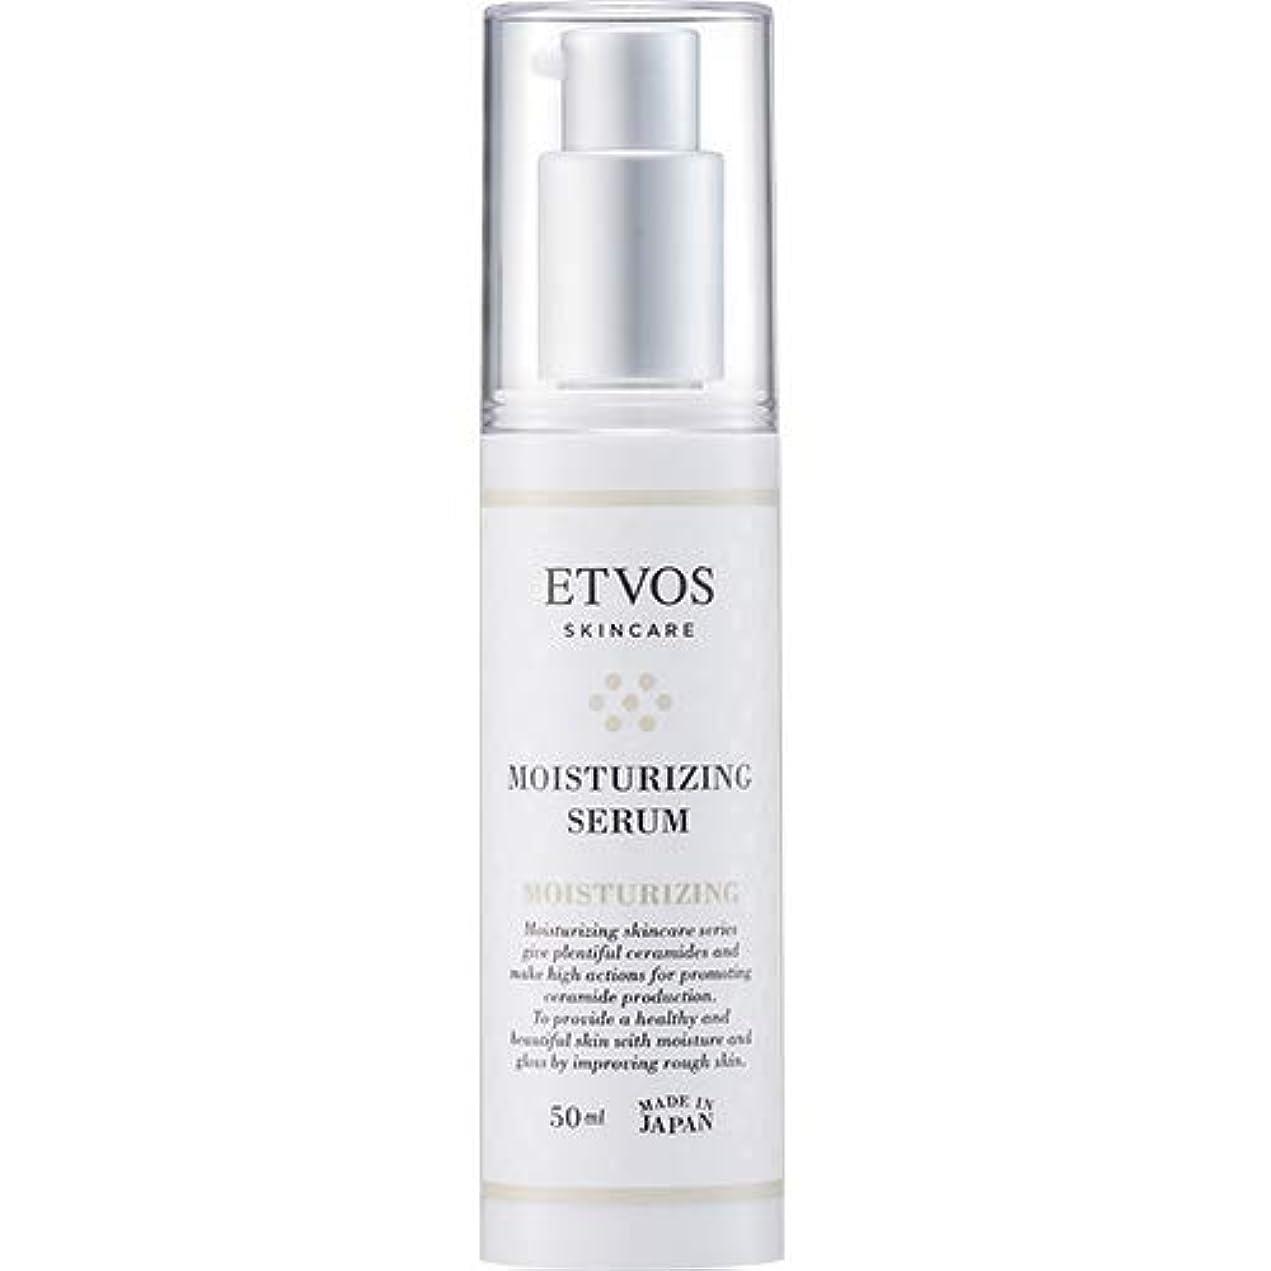 助言古風なペルメルETVOS(エトヴォス) 保湿美容液 モイスチャライジングセラム 50ml ヒト型セラミド配合 乾燥肌/敏感肌 乳液